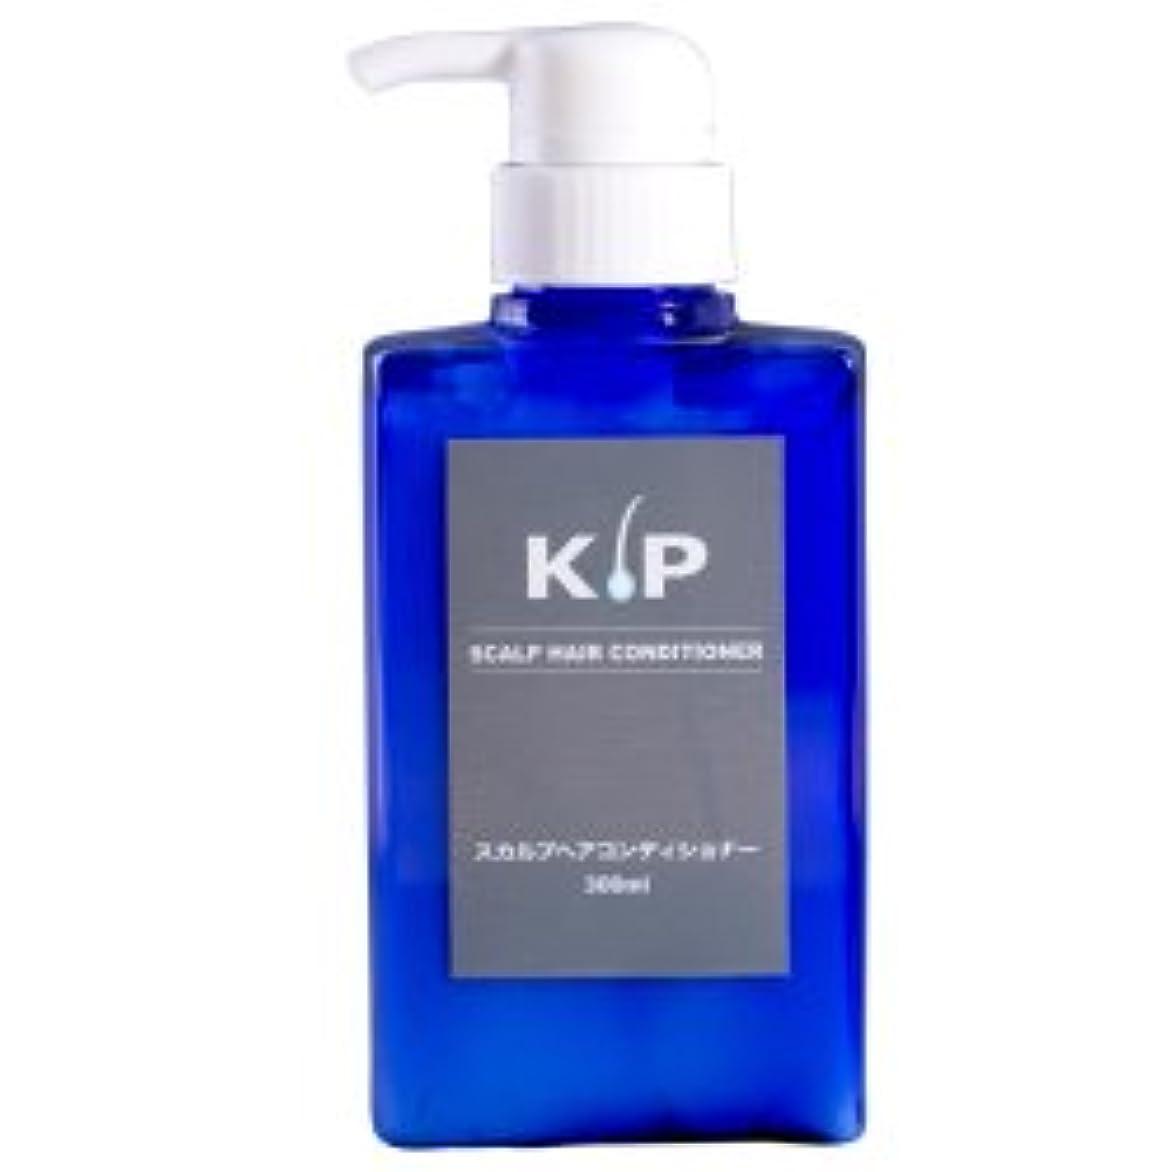 命題ずっと起こるKIP スカルプヘア コンディショナー